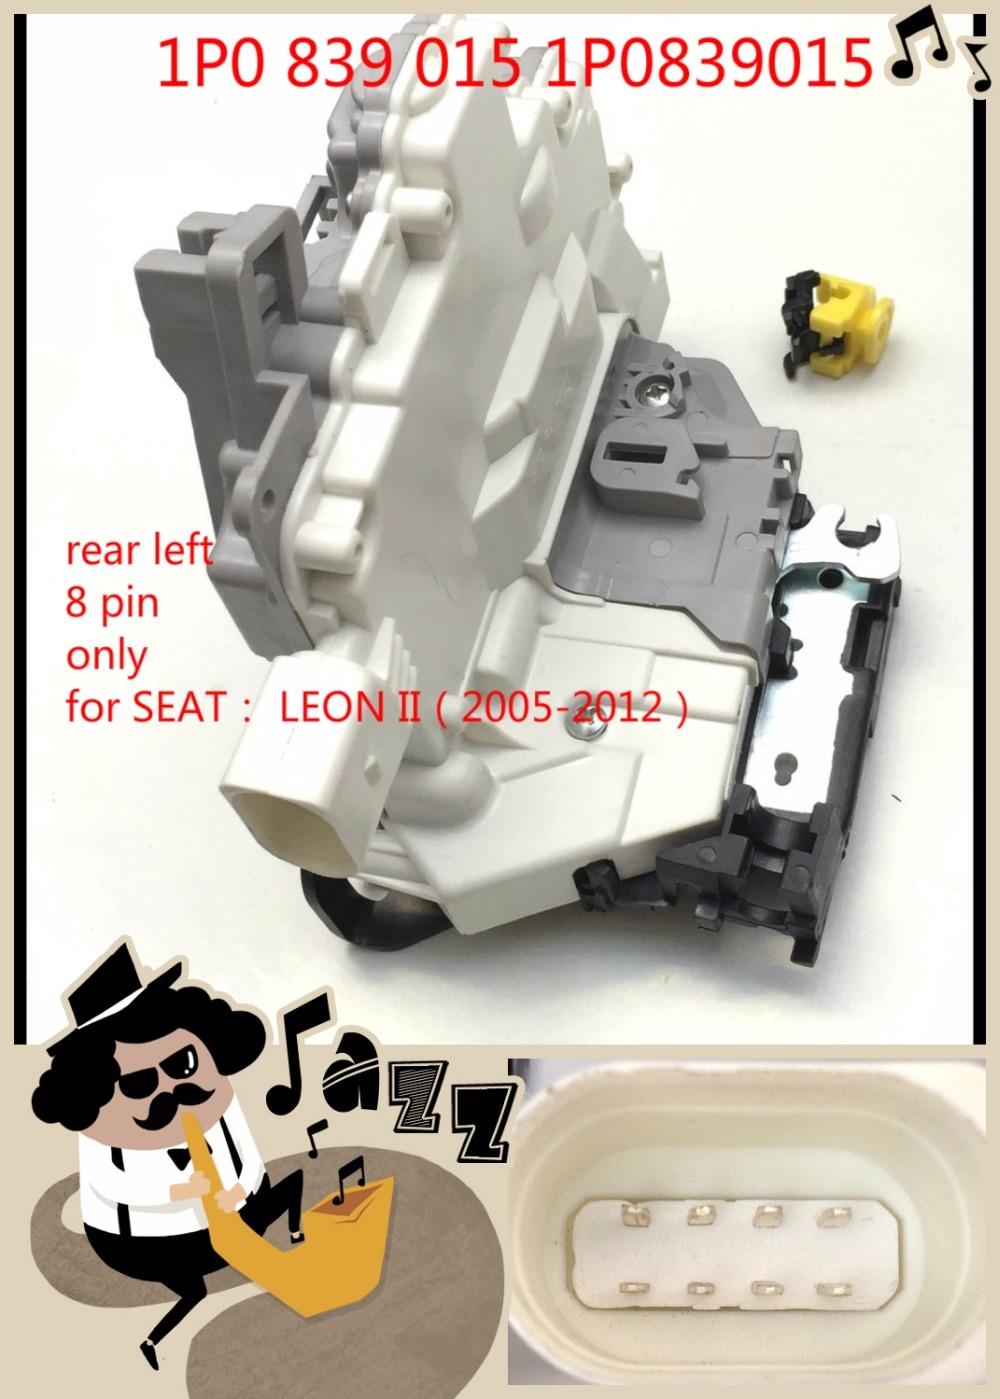 Sierre sentralizado servomotor cerradura de trasera izquierda para Seat Leon toledo 2